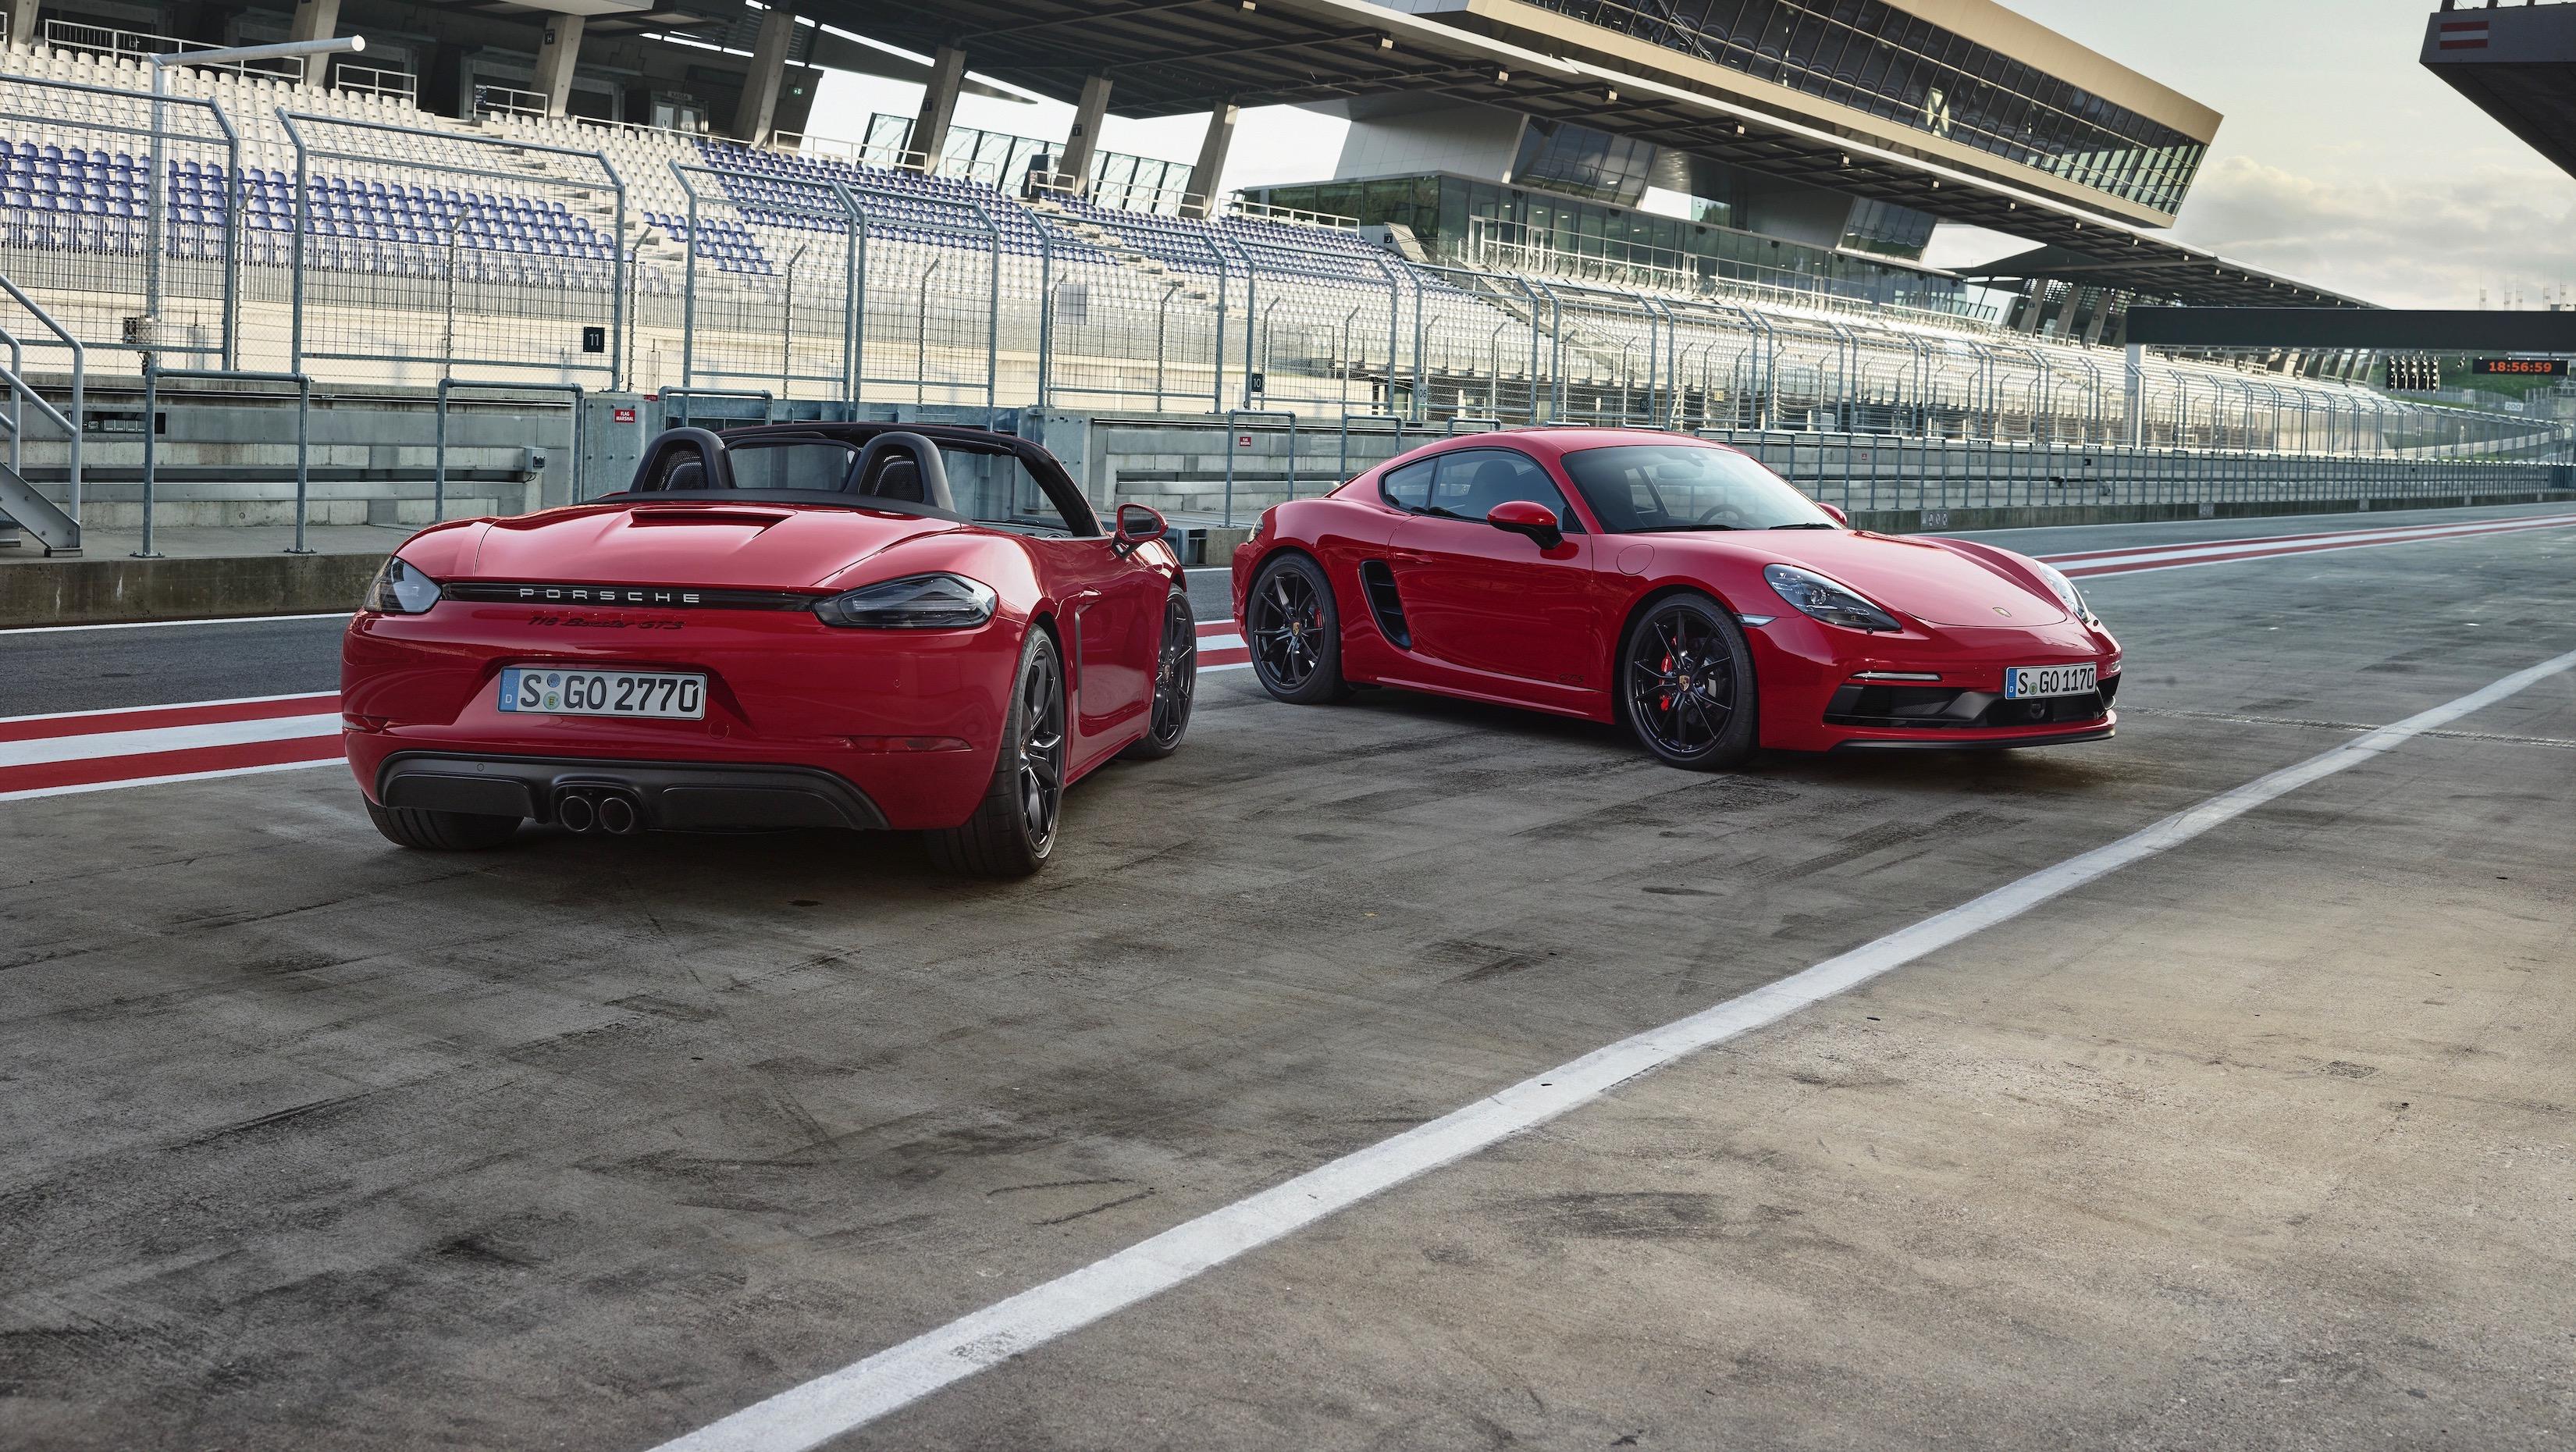 Novos modelos Porsche: 718 Boxster e Cayman GTS